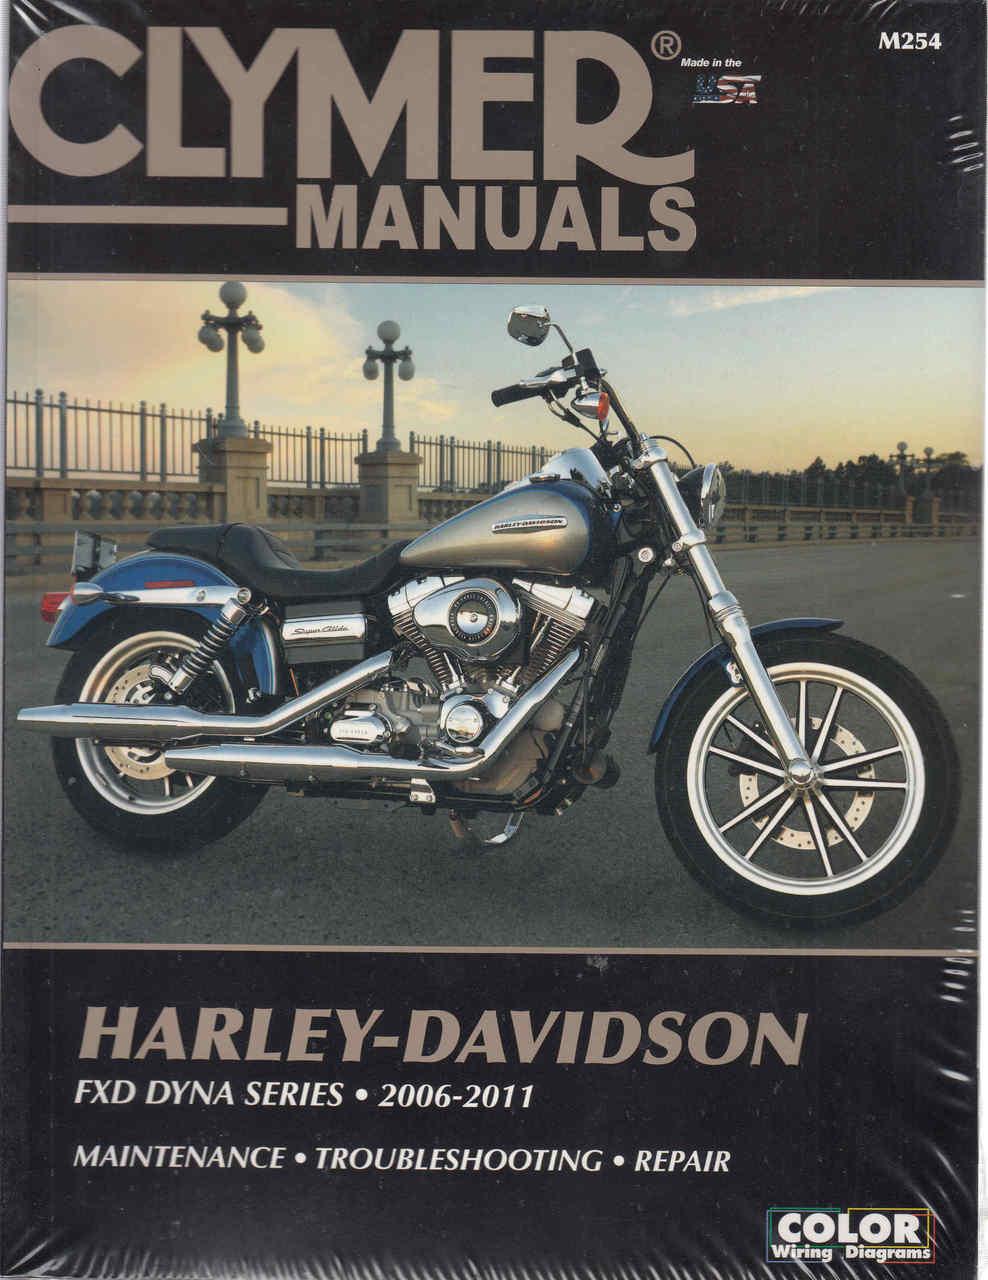 Harley-Davidson FXD DYNA SERIES 2006 - 2011 Workshop Manual on